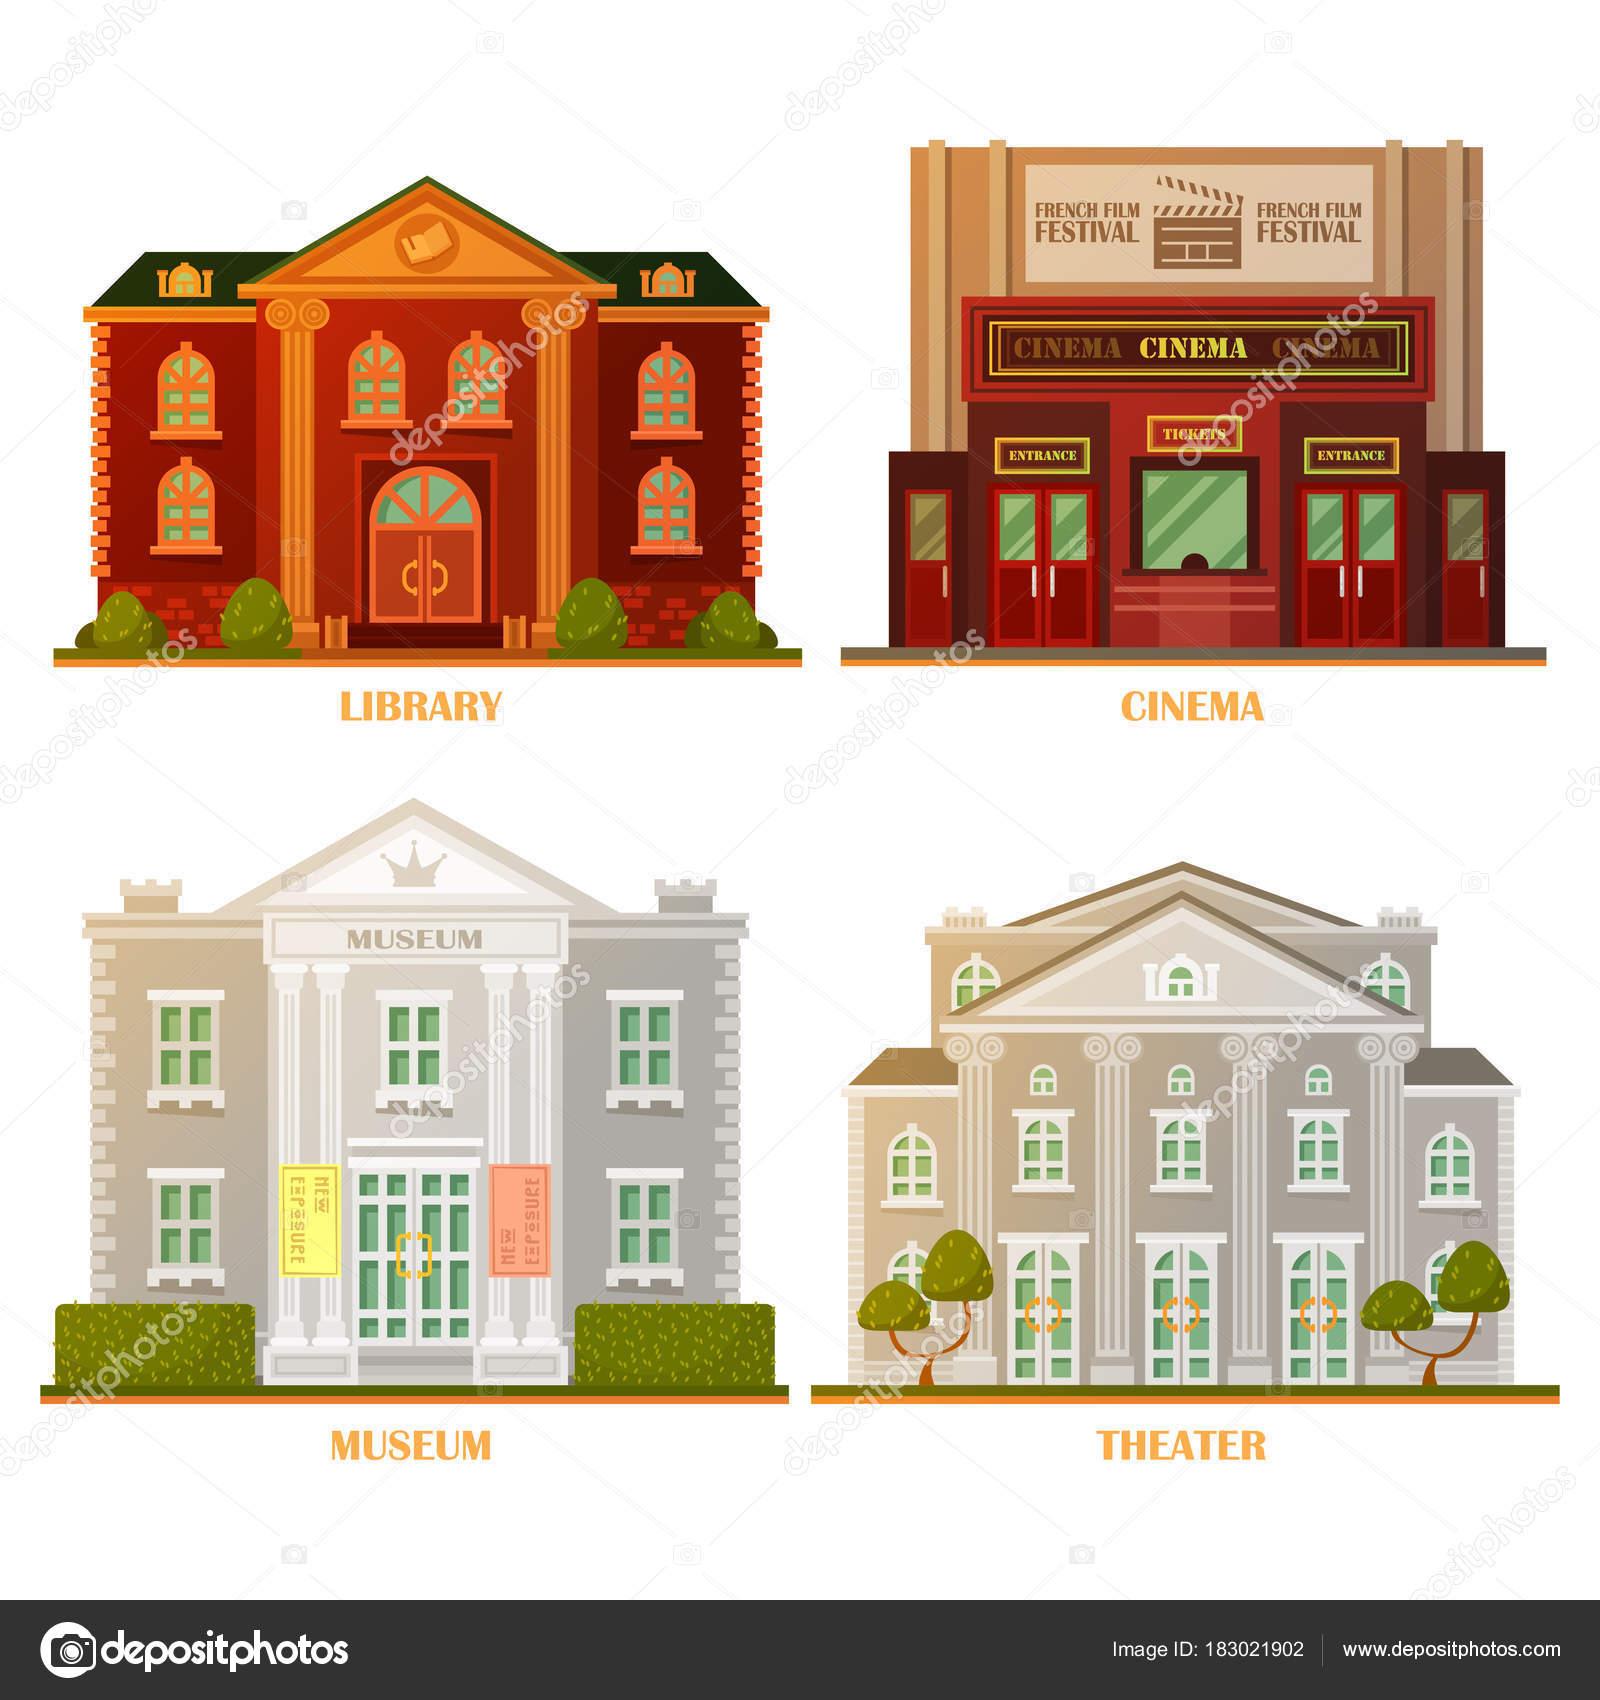 Architektur: Kino, Theater, Museum und Bibliothek Gebäude ...